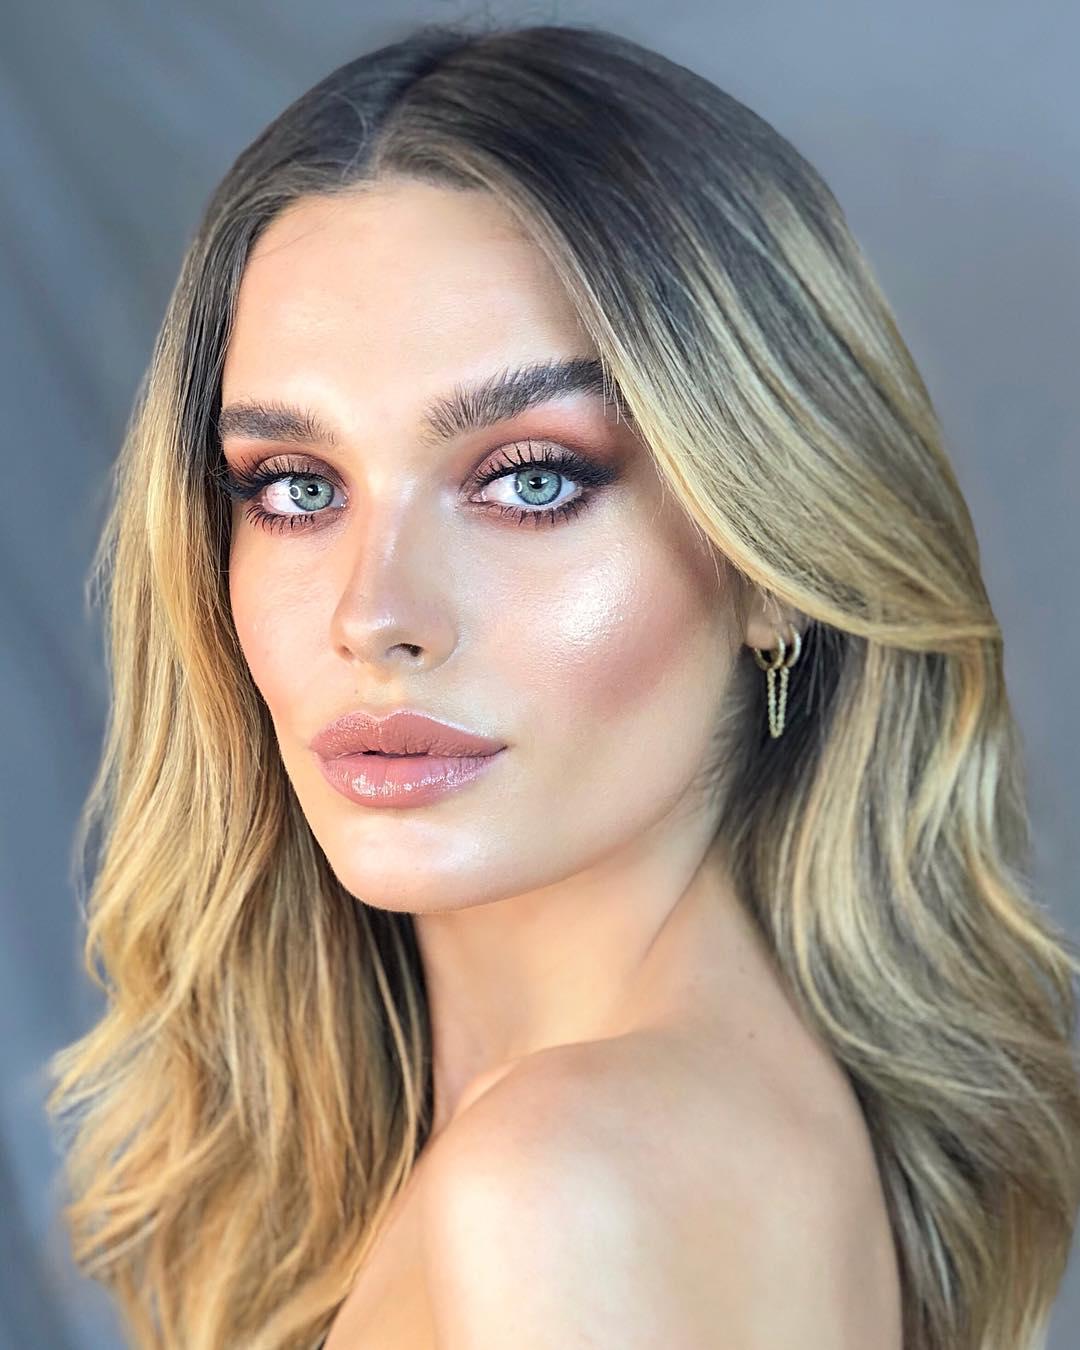 Объемные губки без инъекций: 4 простых способа увеличить их при помощи макияжа